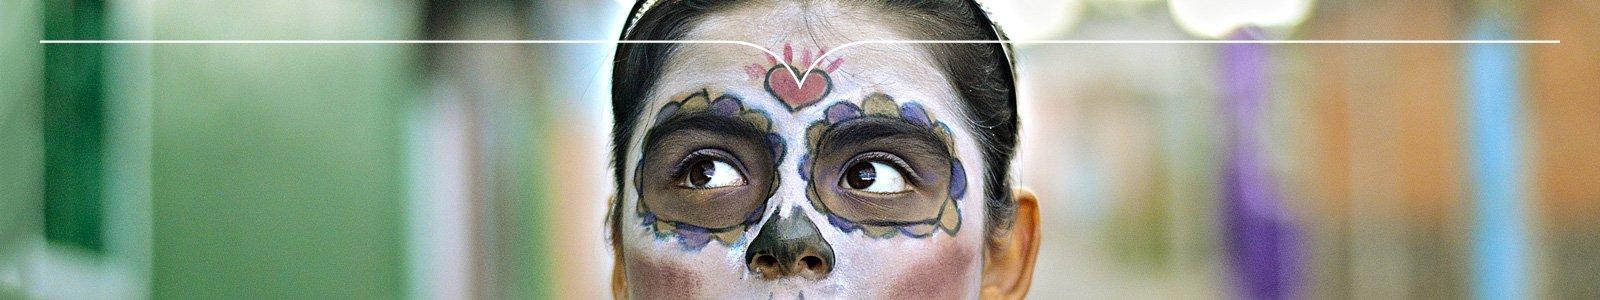 Vrouw met geschminkt gezicht kijkt nieuwsgierig opzij